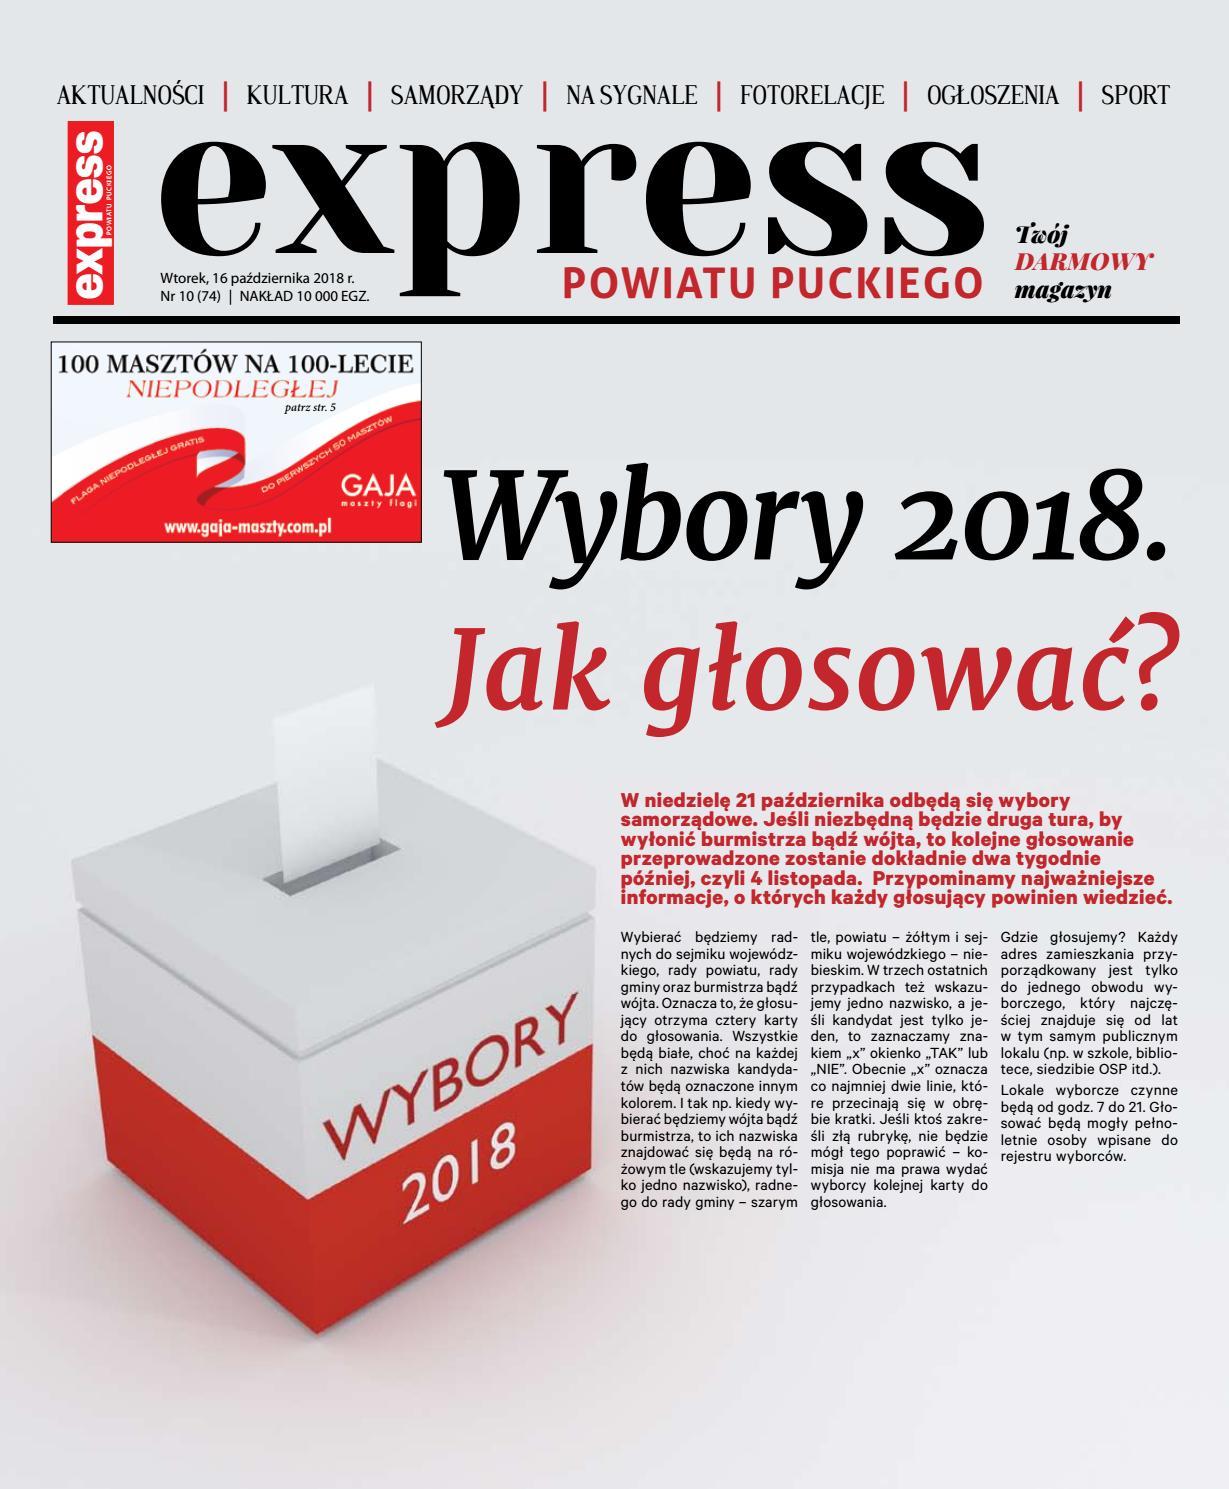 0413cdbe7 Express Powiatu Puckiego 74 by expressy.pl - issuu